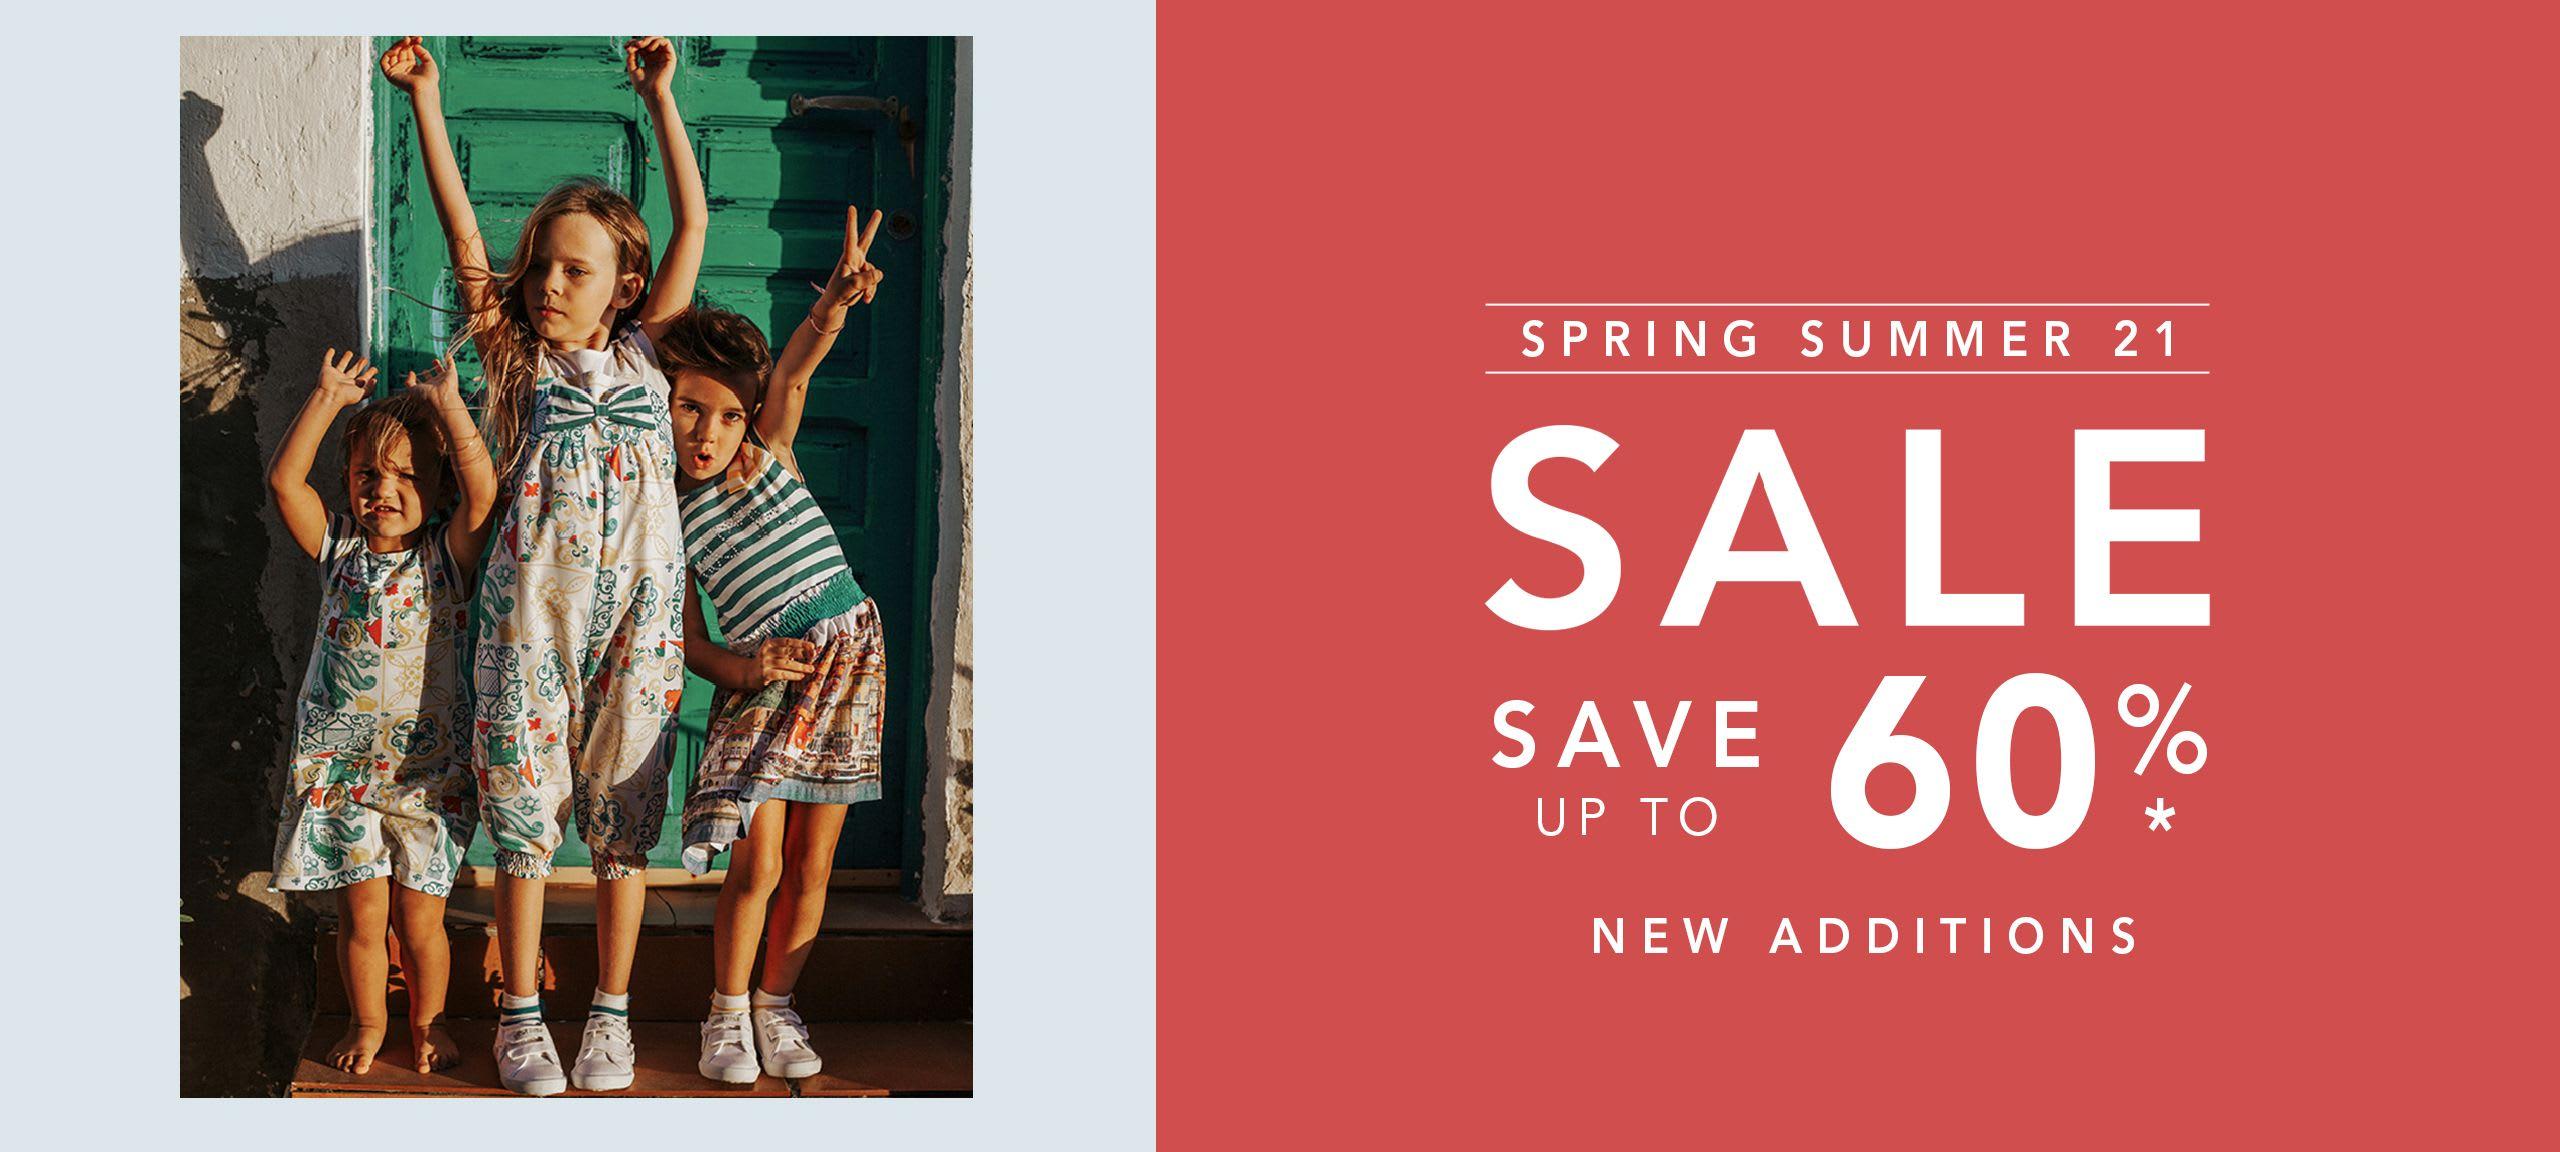 Kids Spring Summer 21 Sale by Juzsports